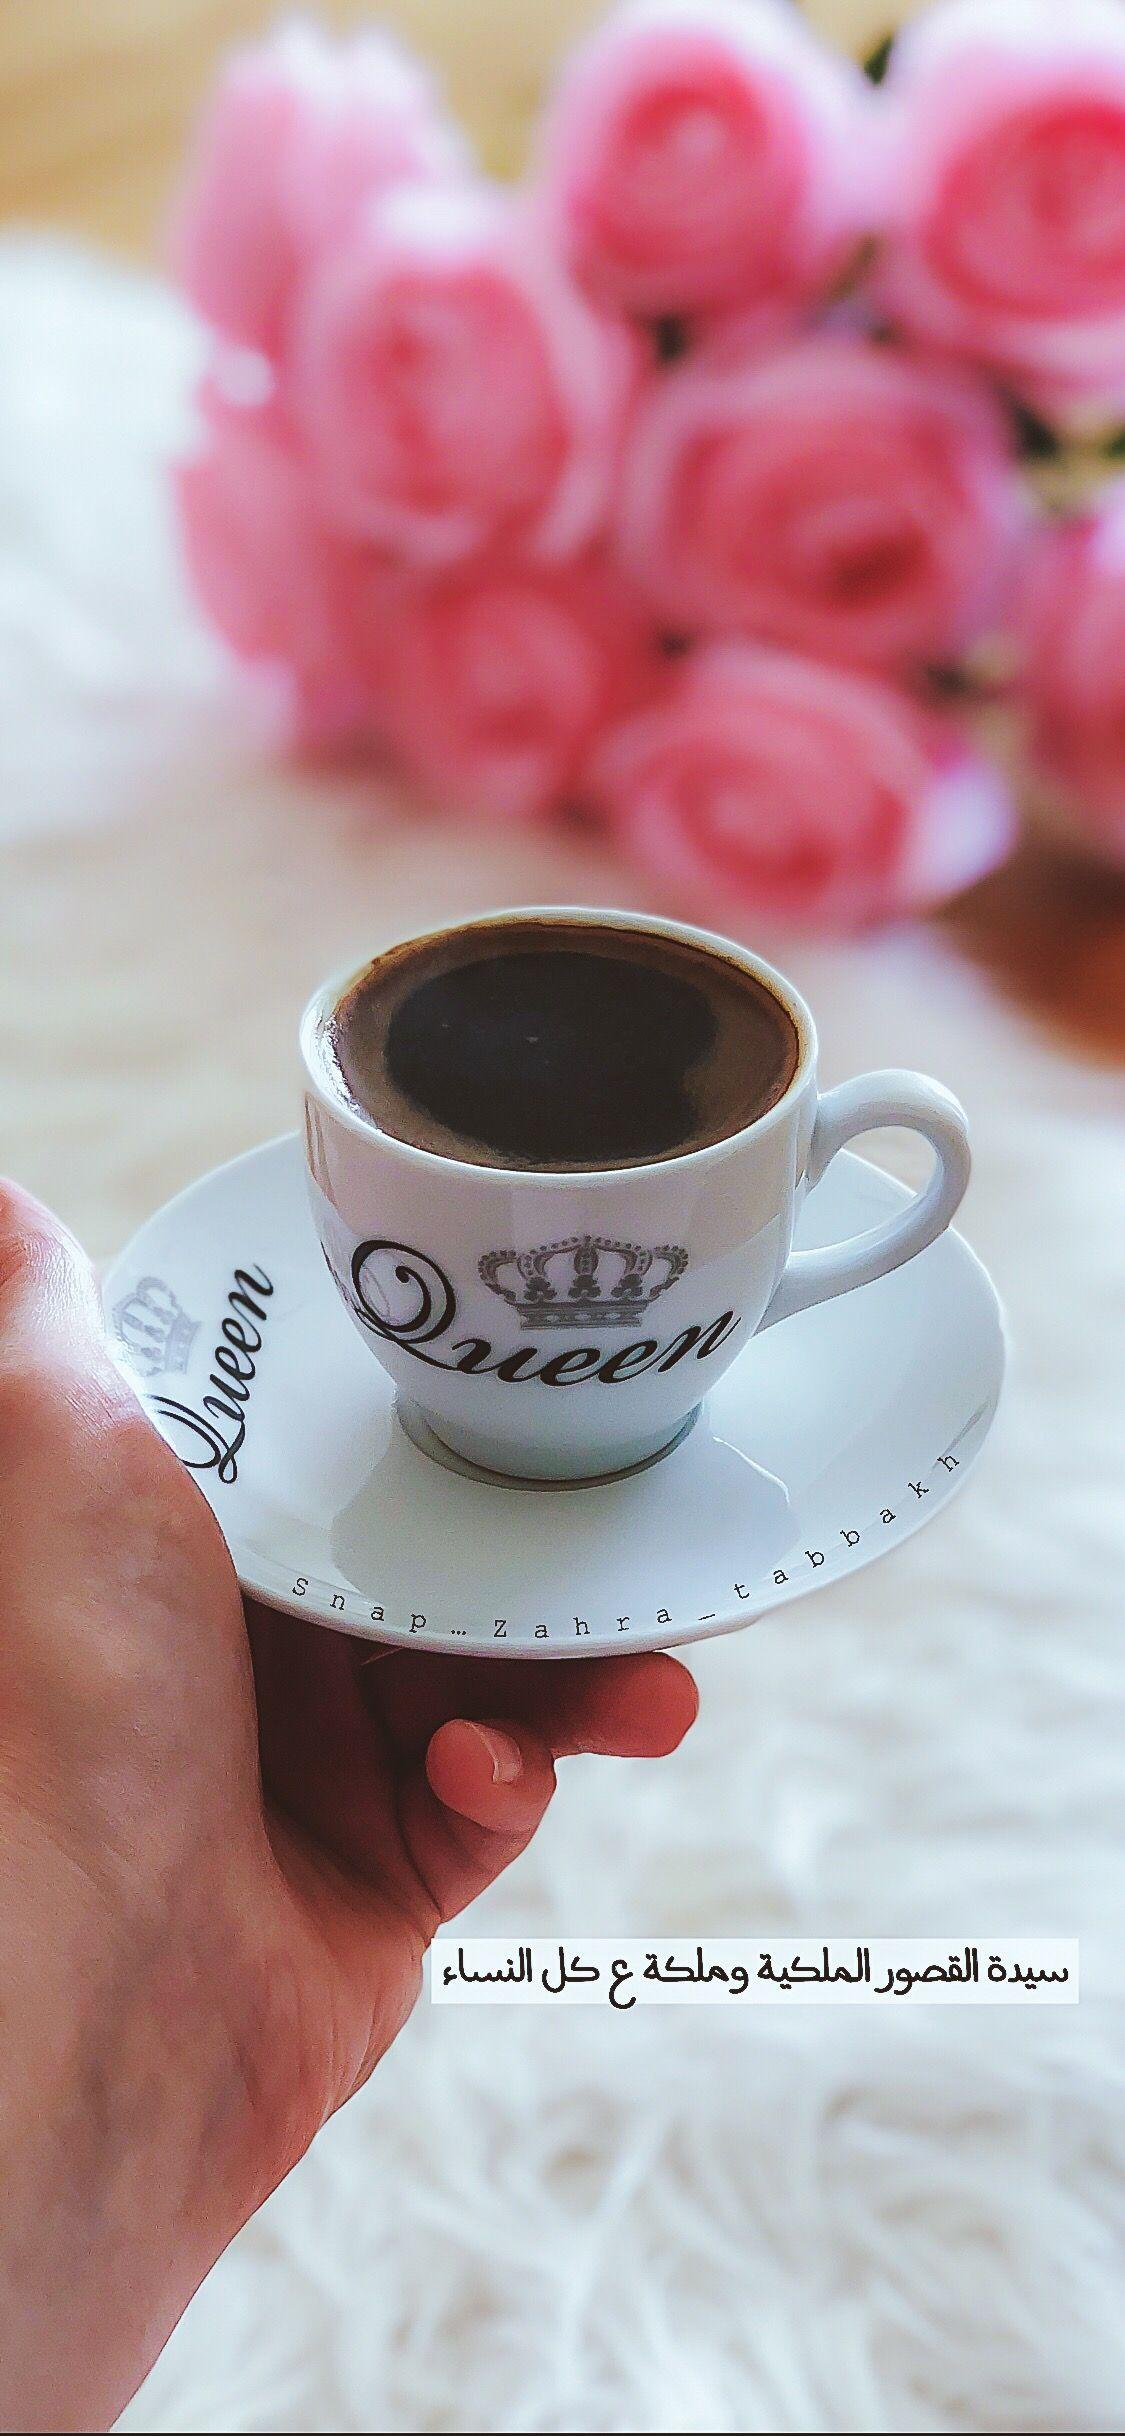 سيدة القصور الملكية و ملكة على كل النساء Instagram Editing Photo Ideas Girl Coffee